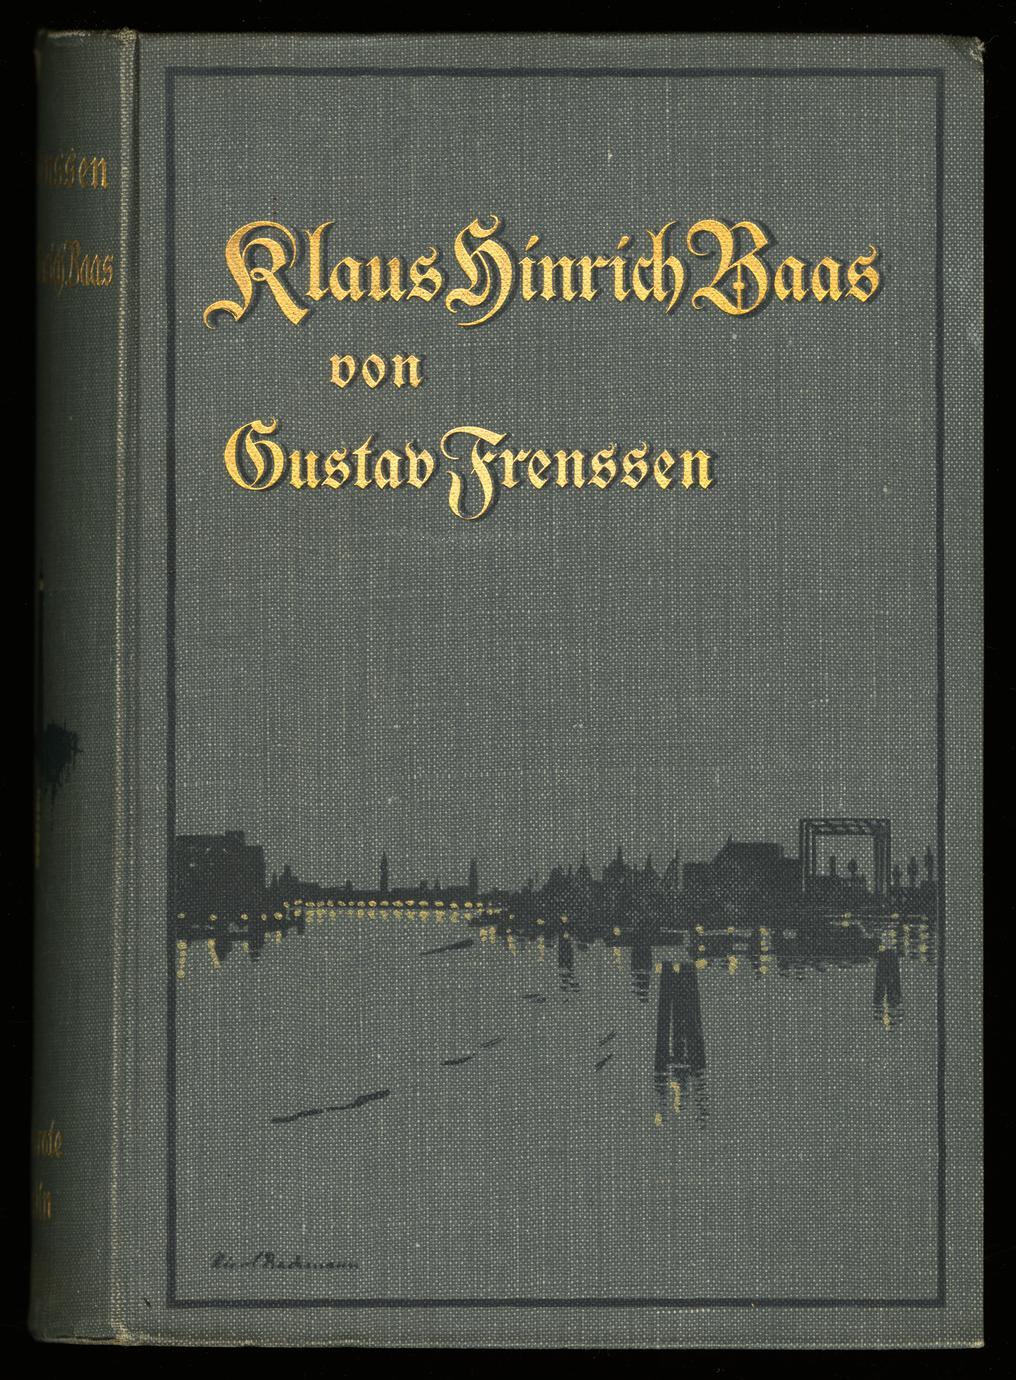 Klaus Hinrich Baas (1 of 6)